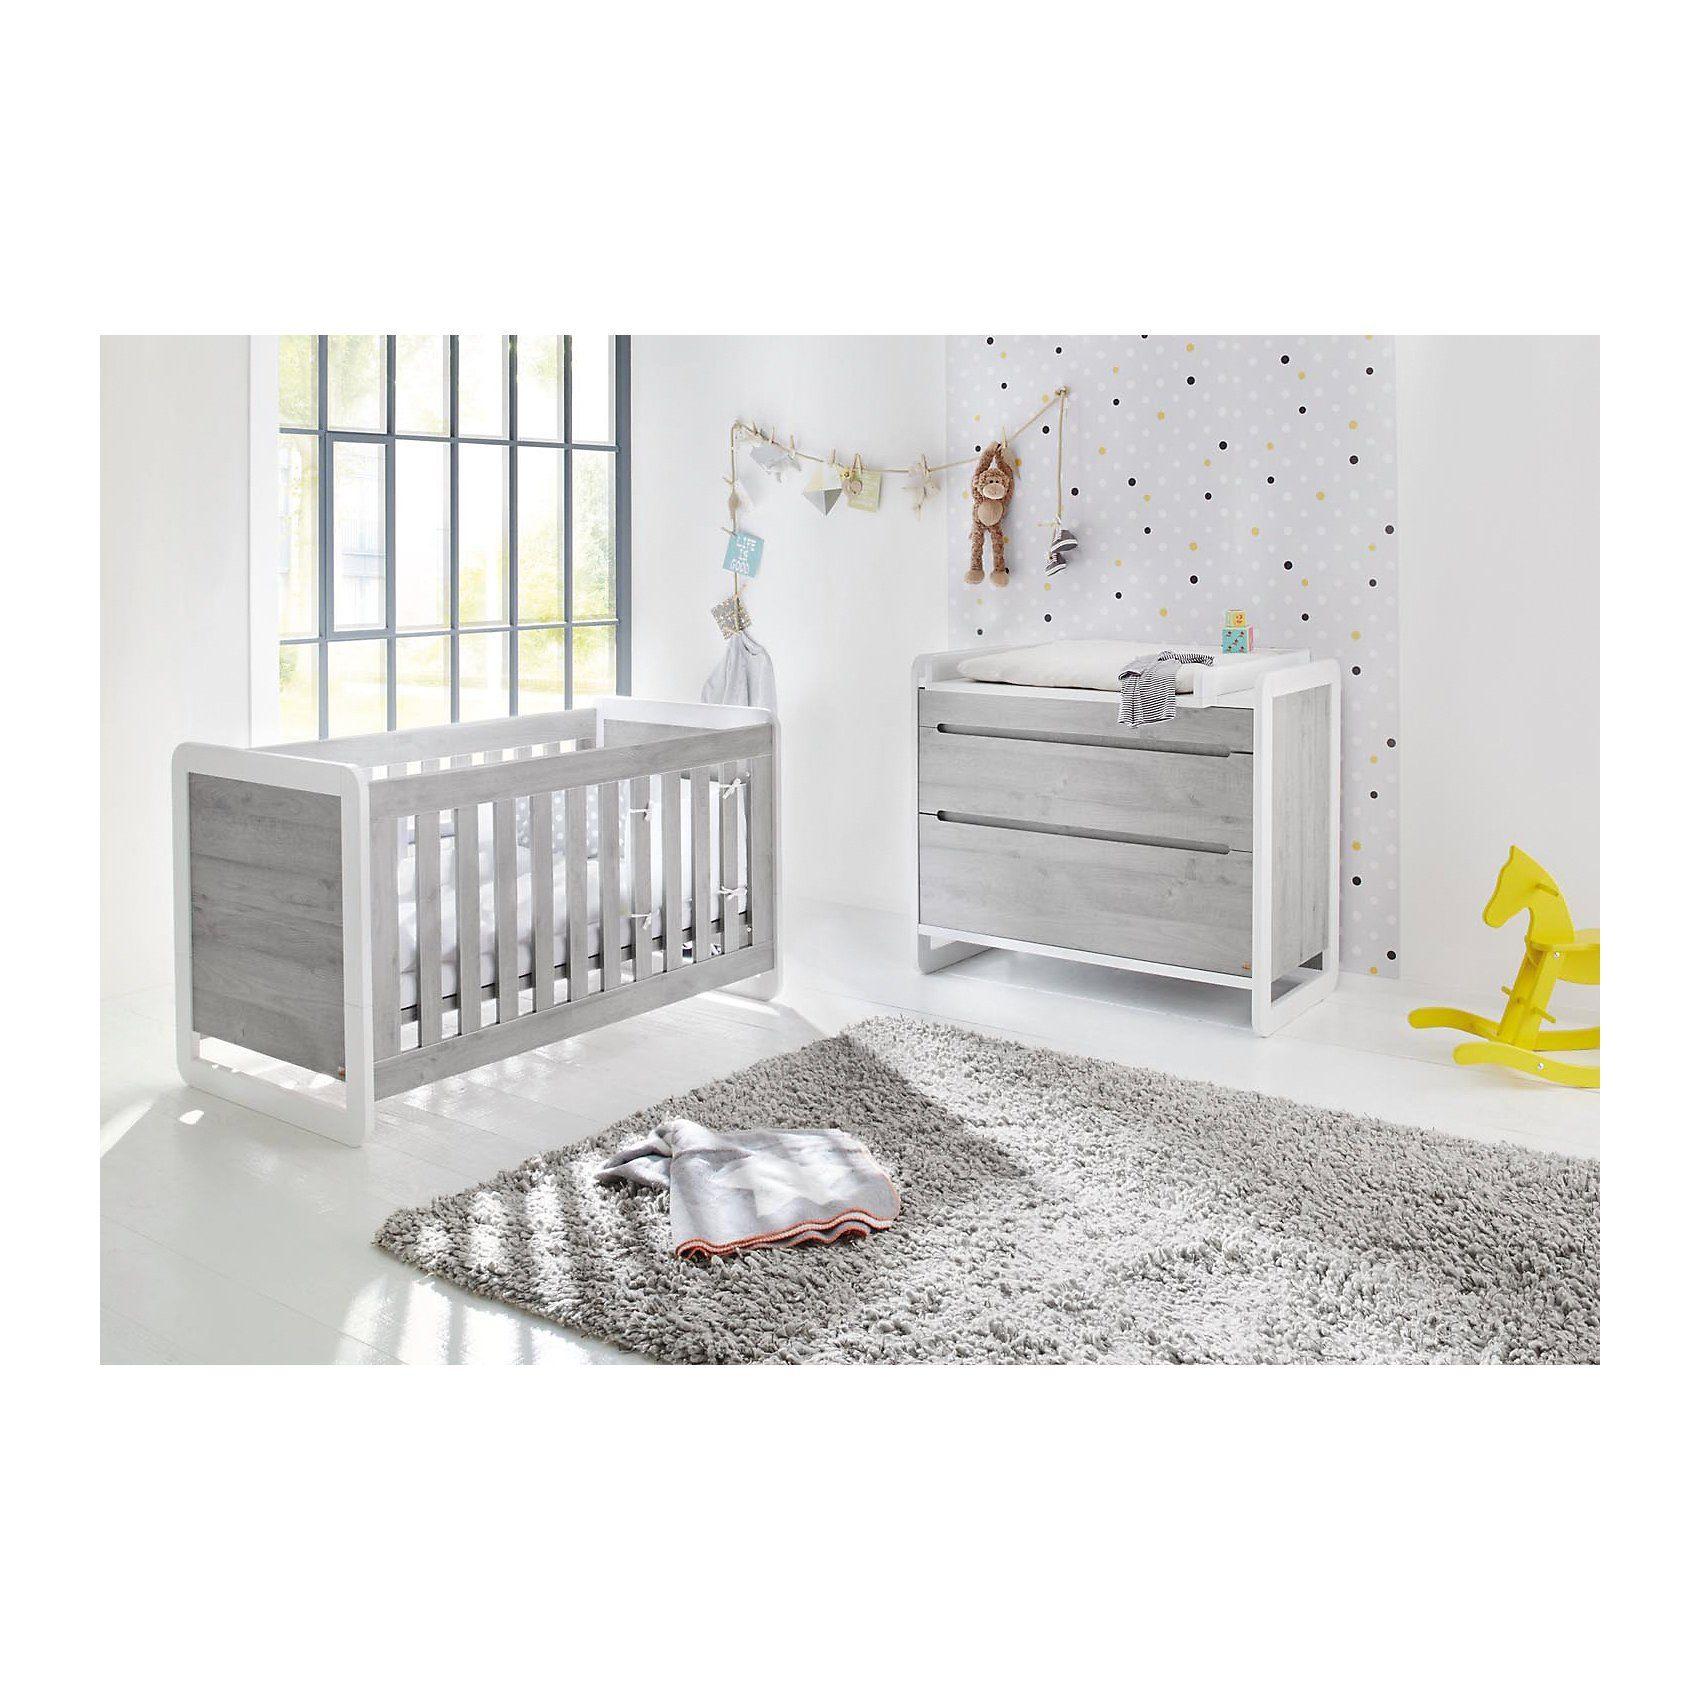 Pinolino Sparset CURVE, (Kinderbett und Wickelkommode), Esche grau